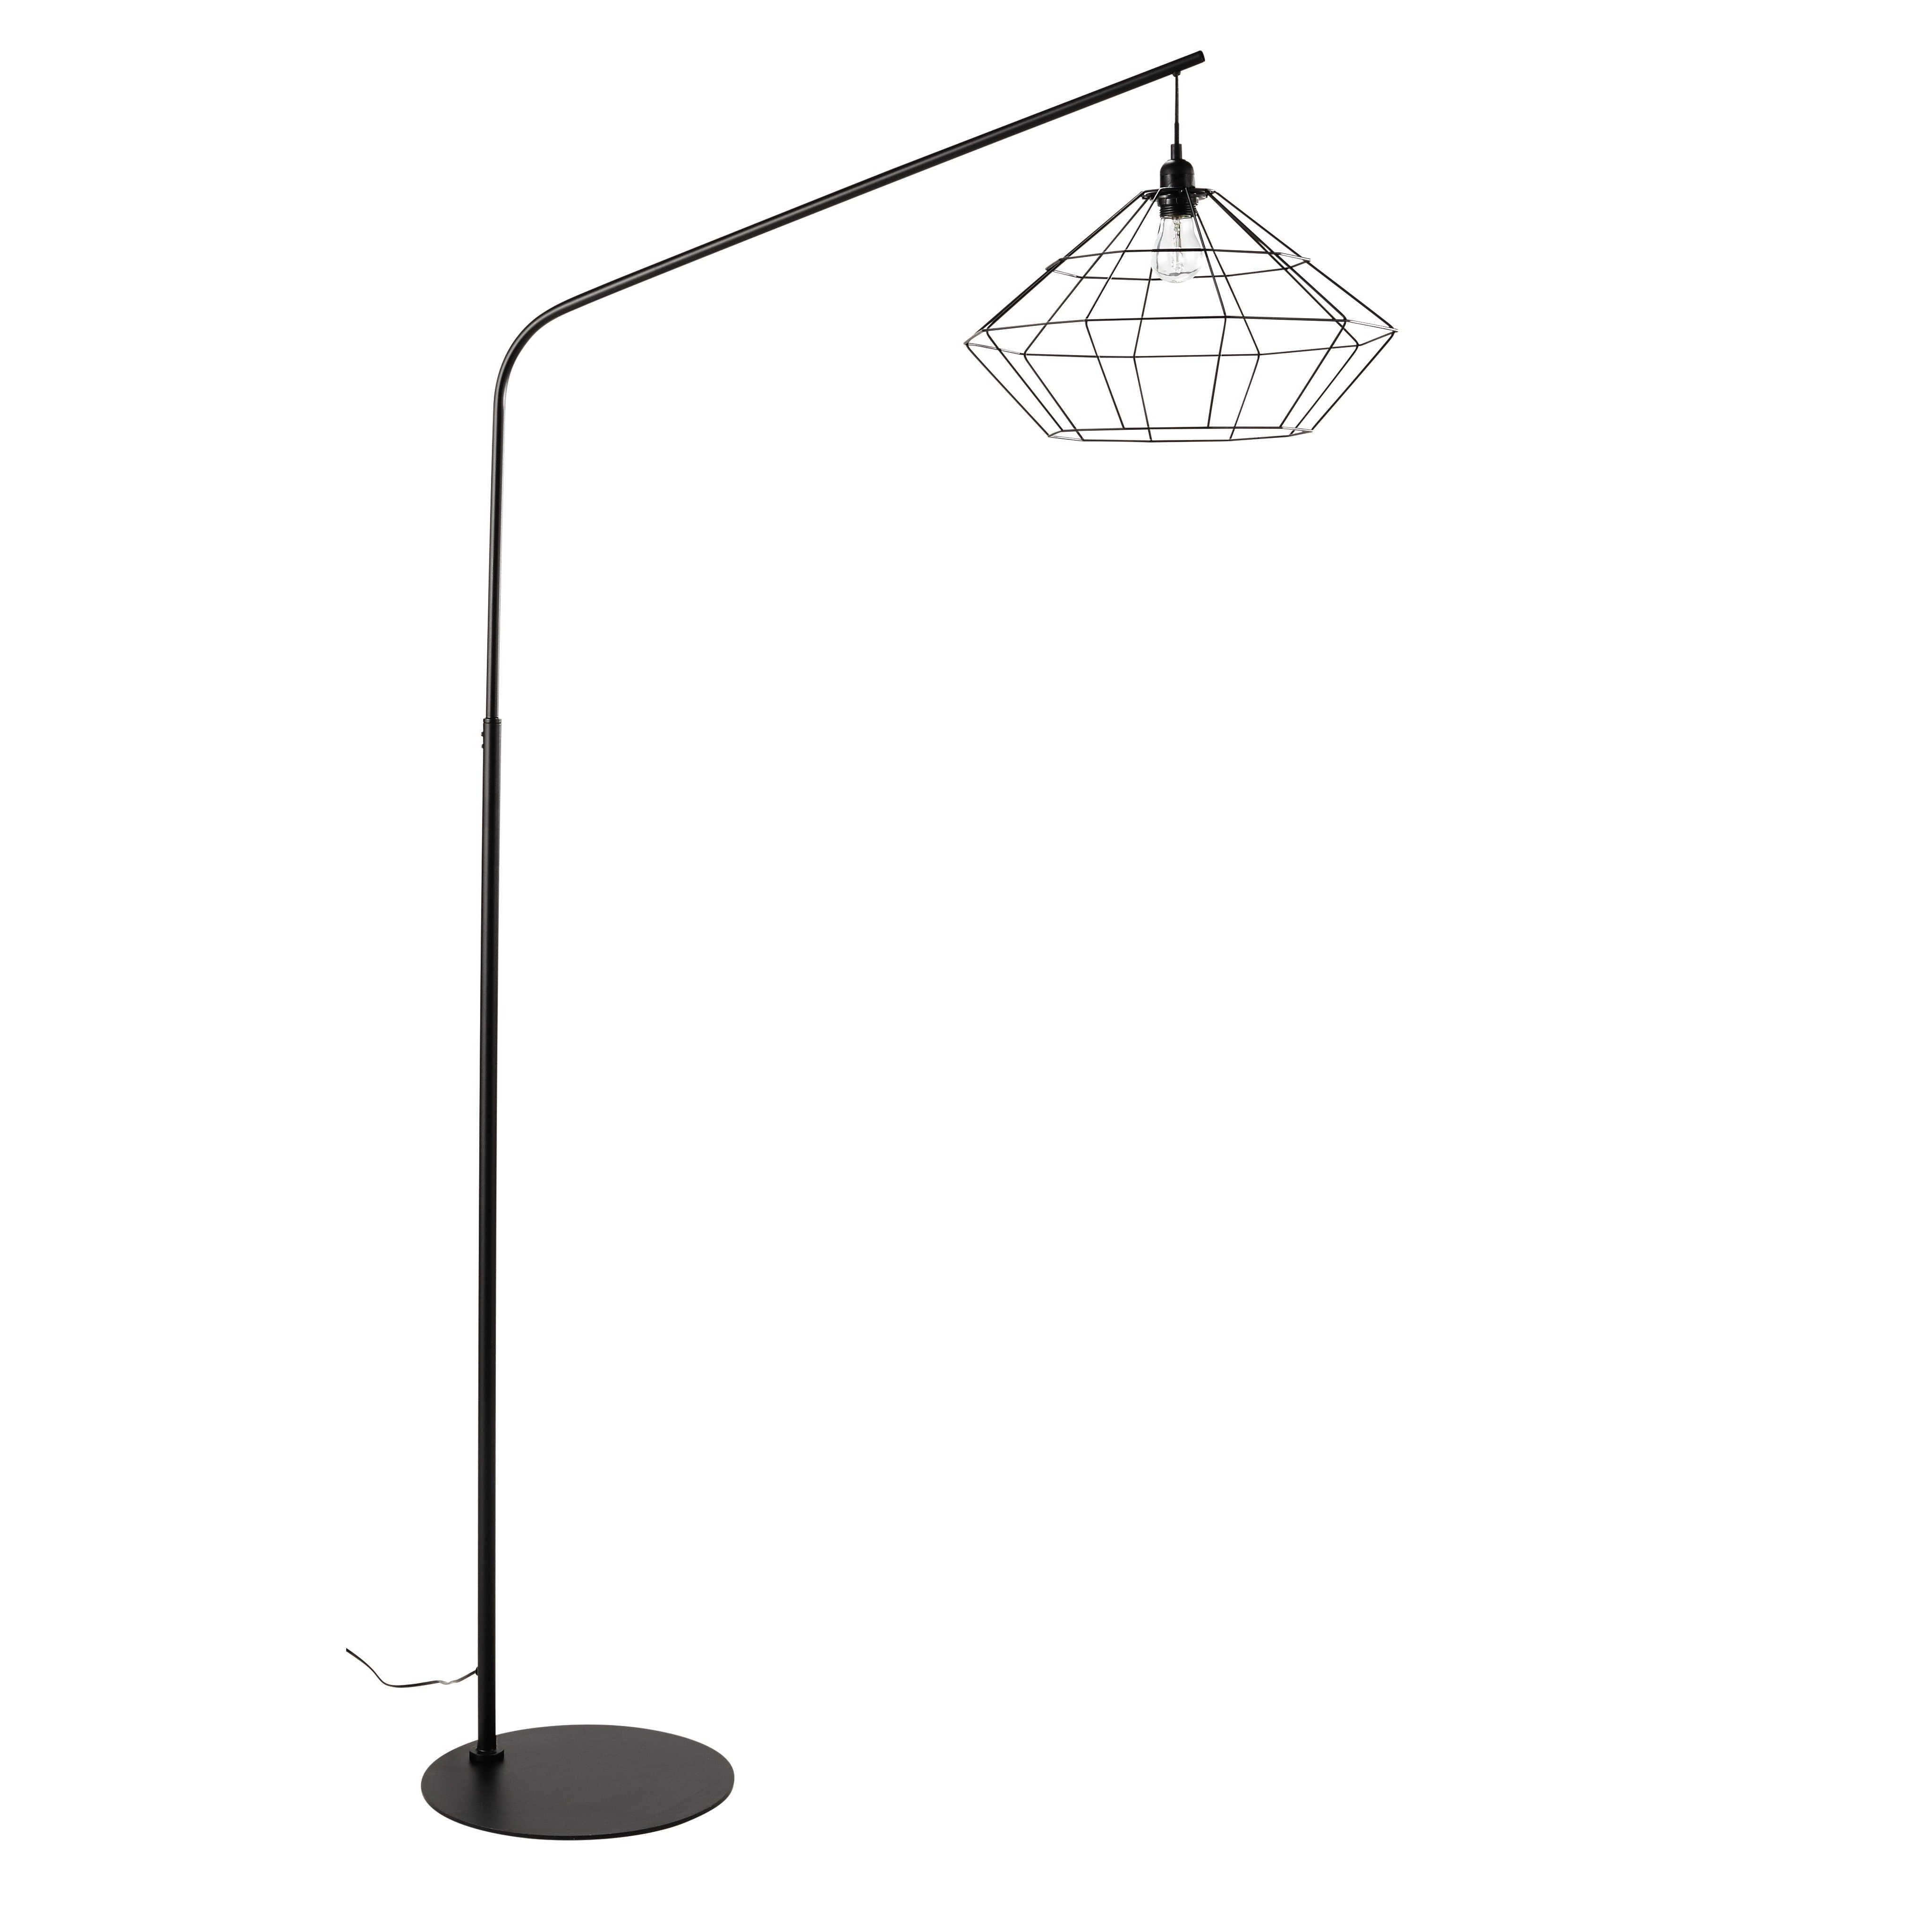 Stehlampen Und Leselampen Stehlampe Stehlampe Schwarz Bodenlampe